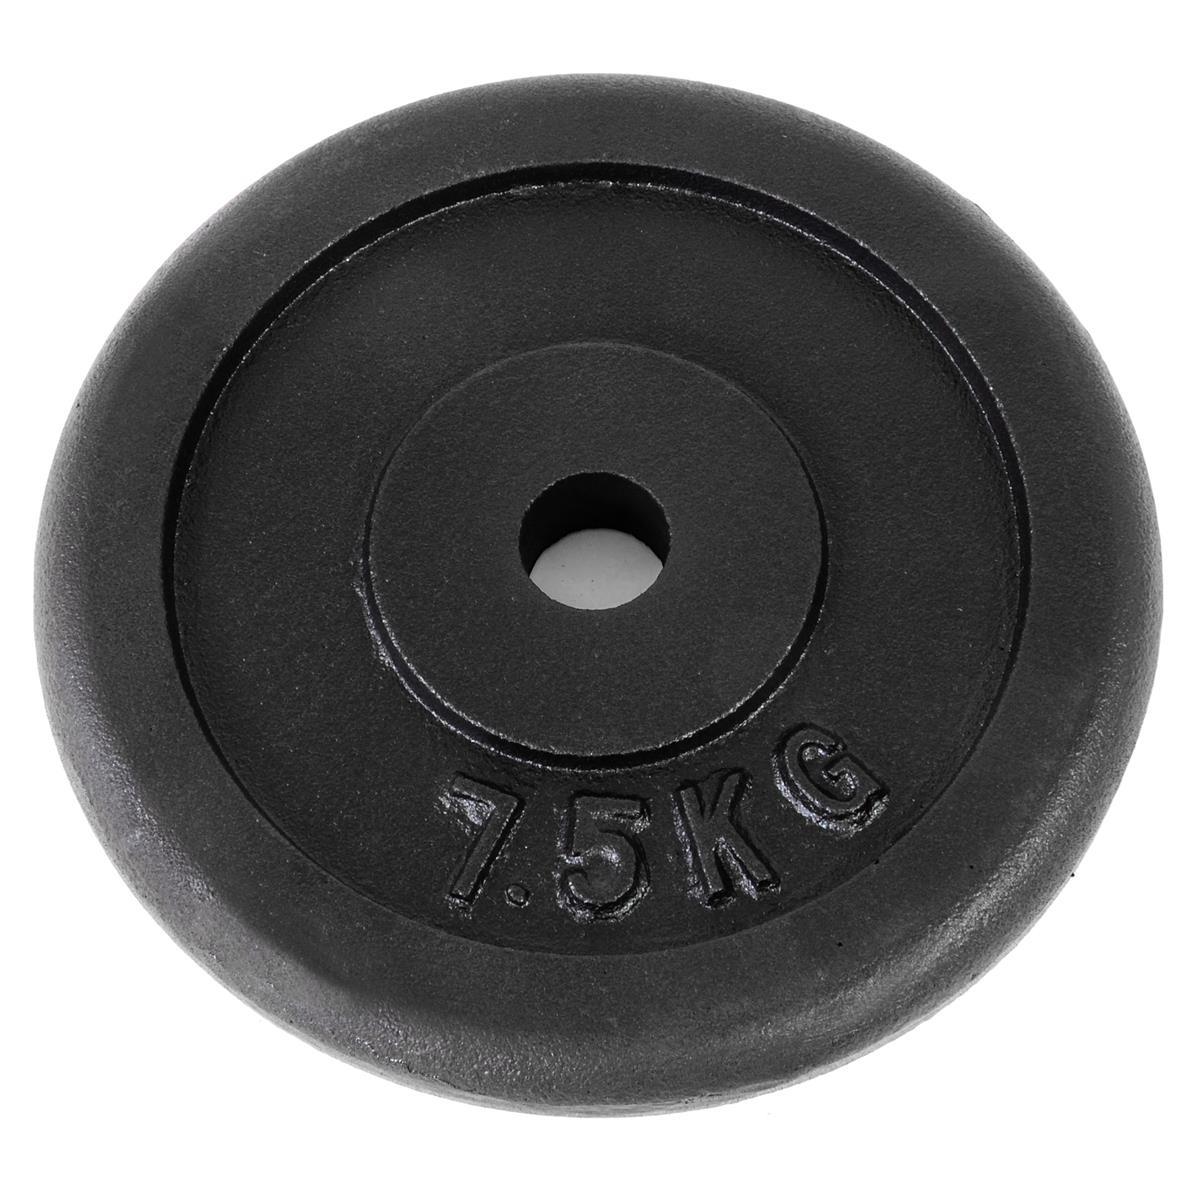 Hantelscheibe  7,5 Kg Ø 30/31 mm Bohrung 100% Gusseisen Schwarz